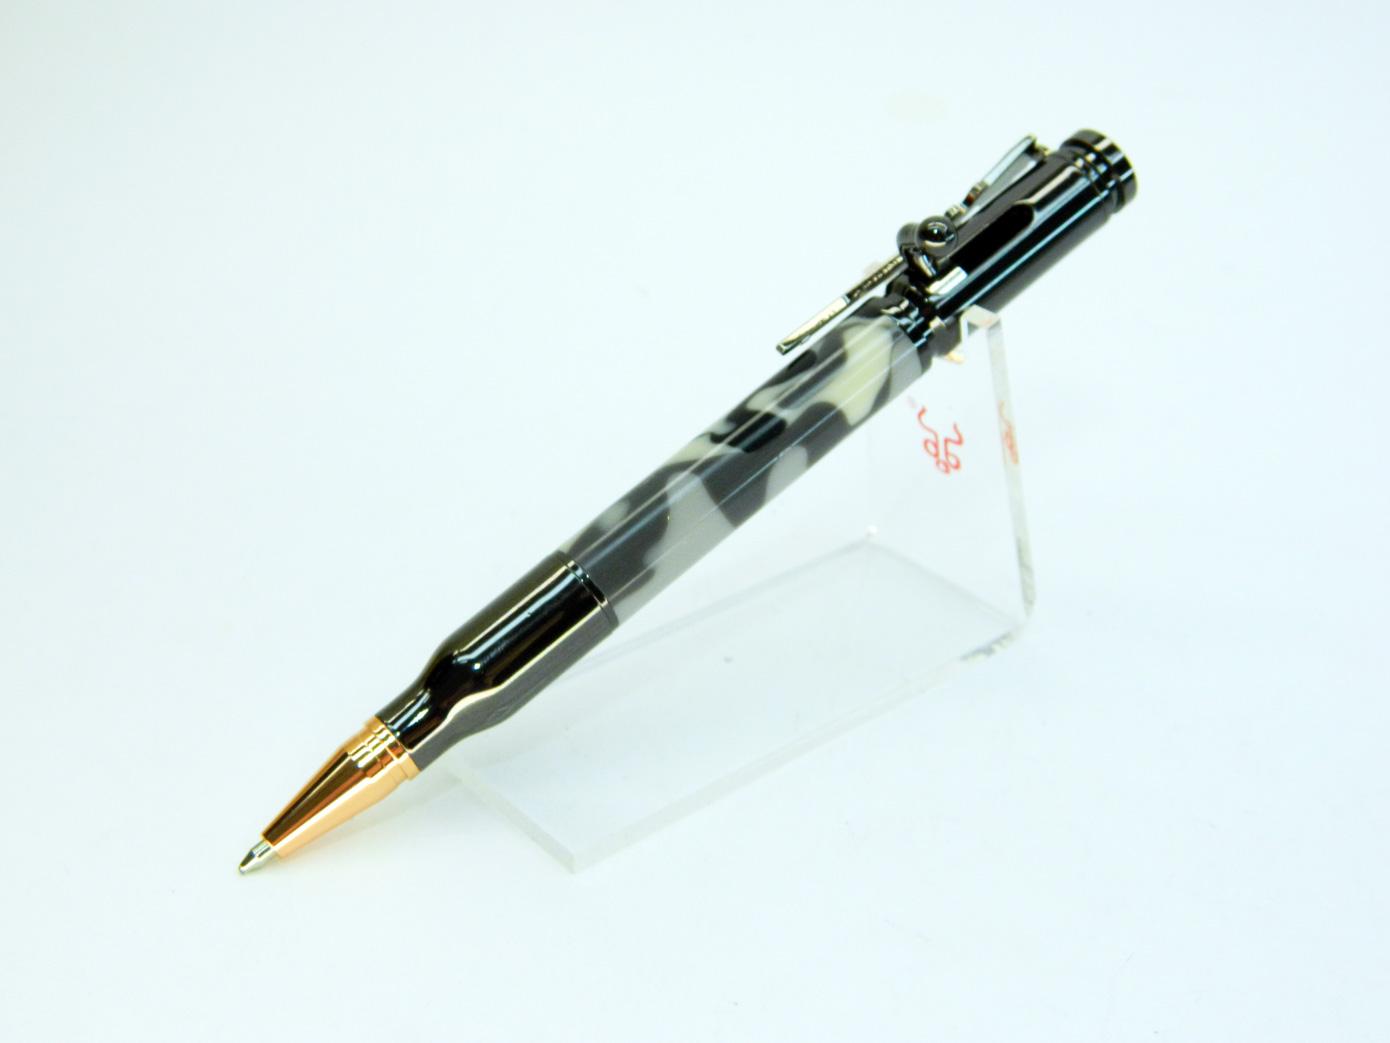 Ручка Bolt Action Acrilic BLCR изображение 1